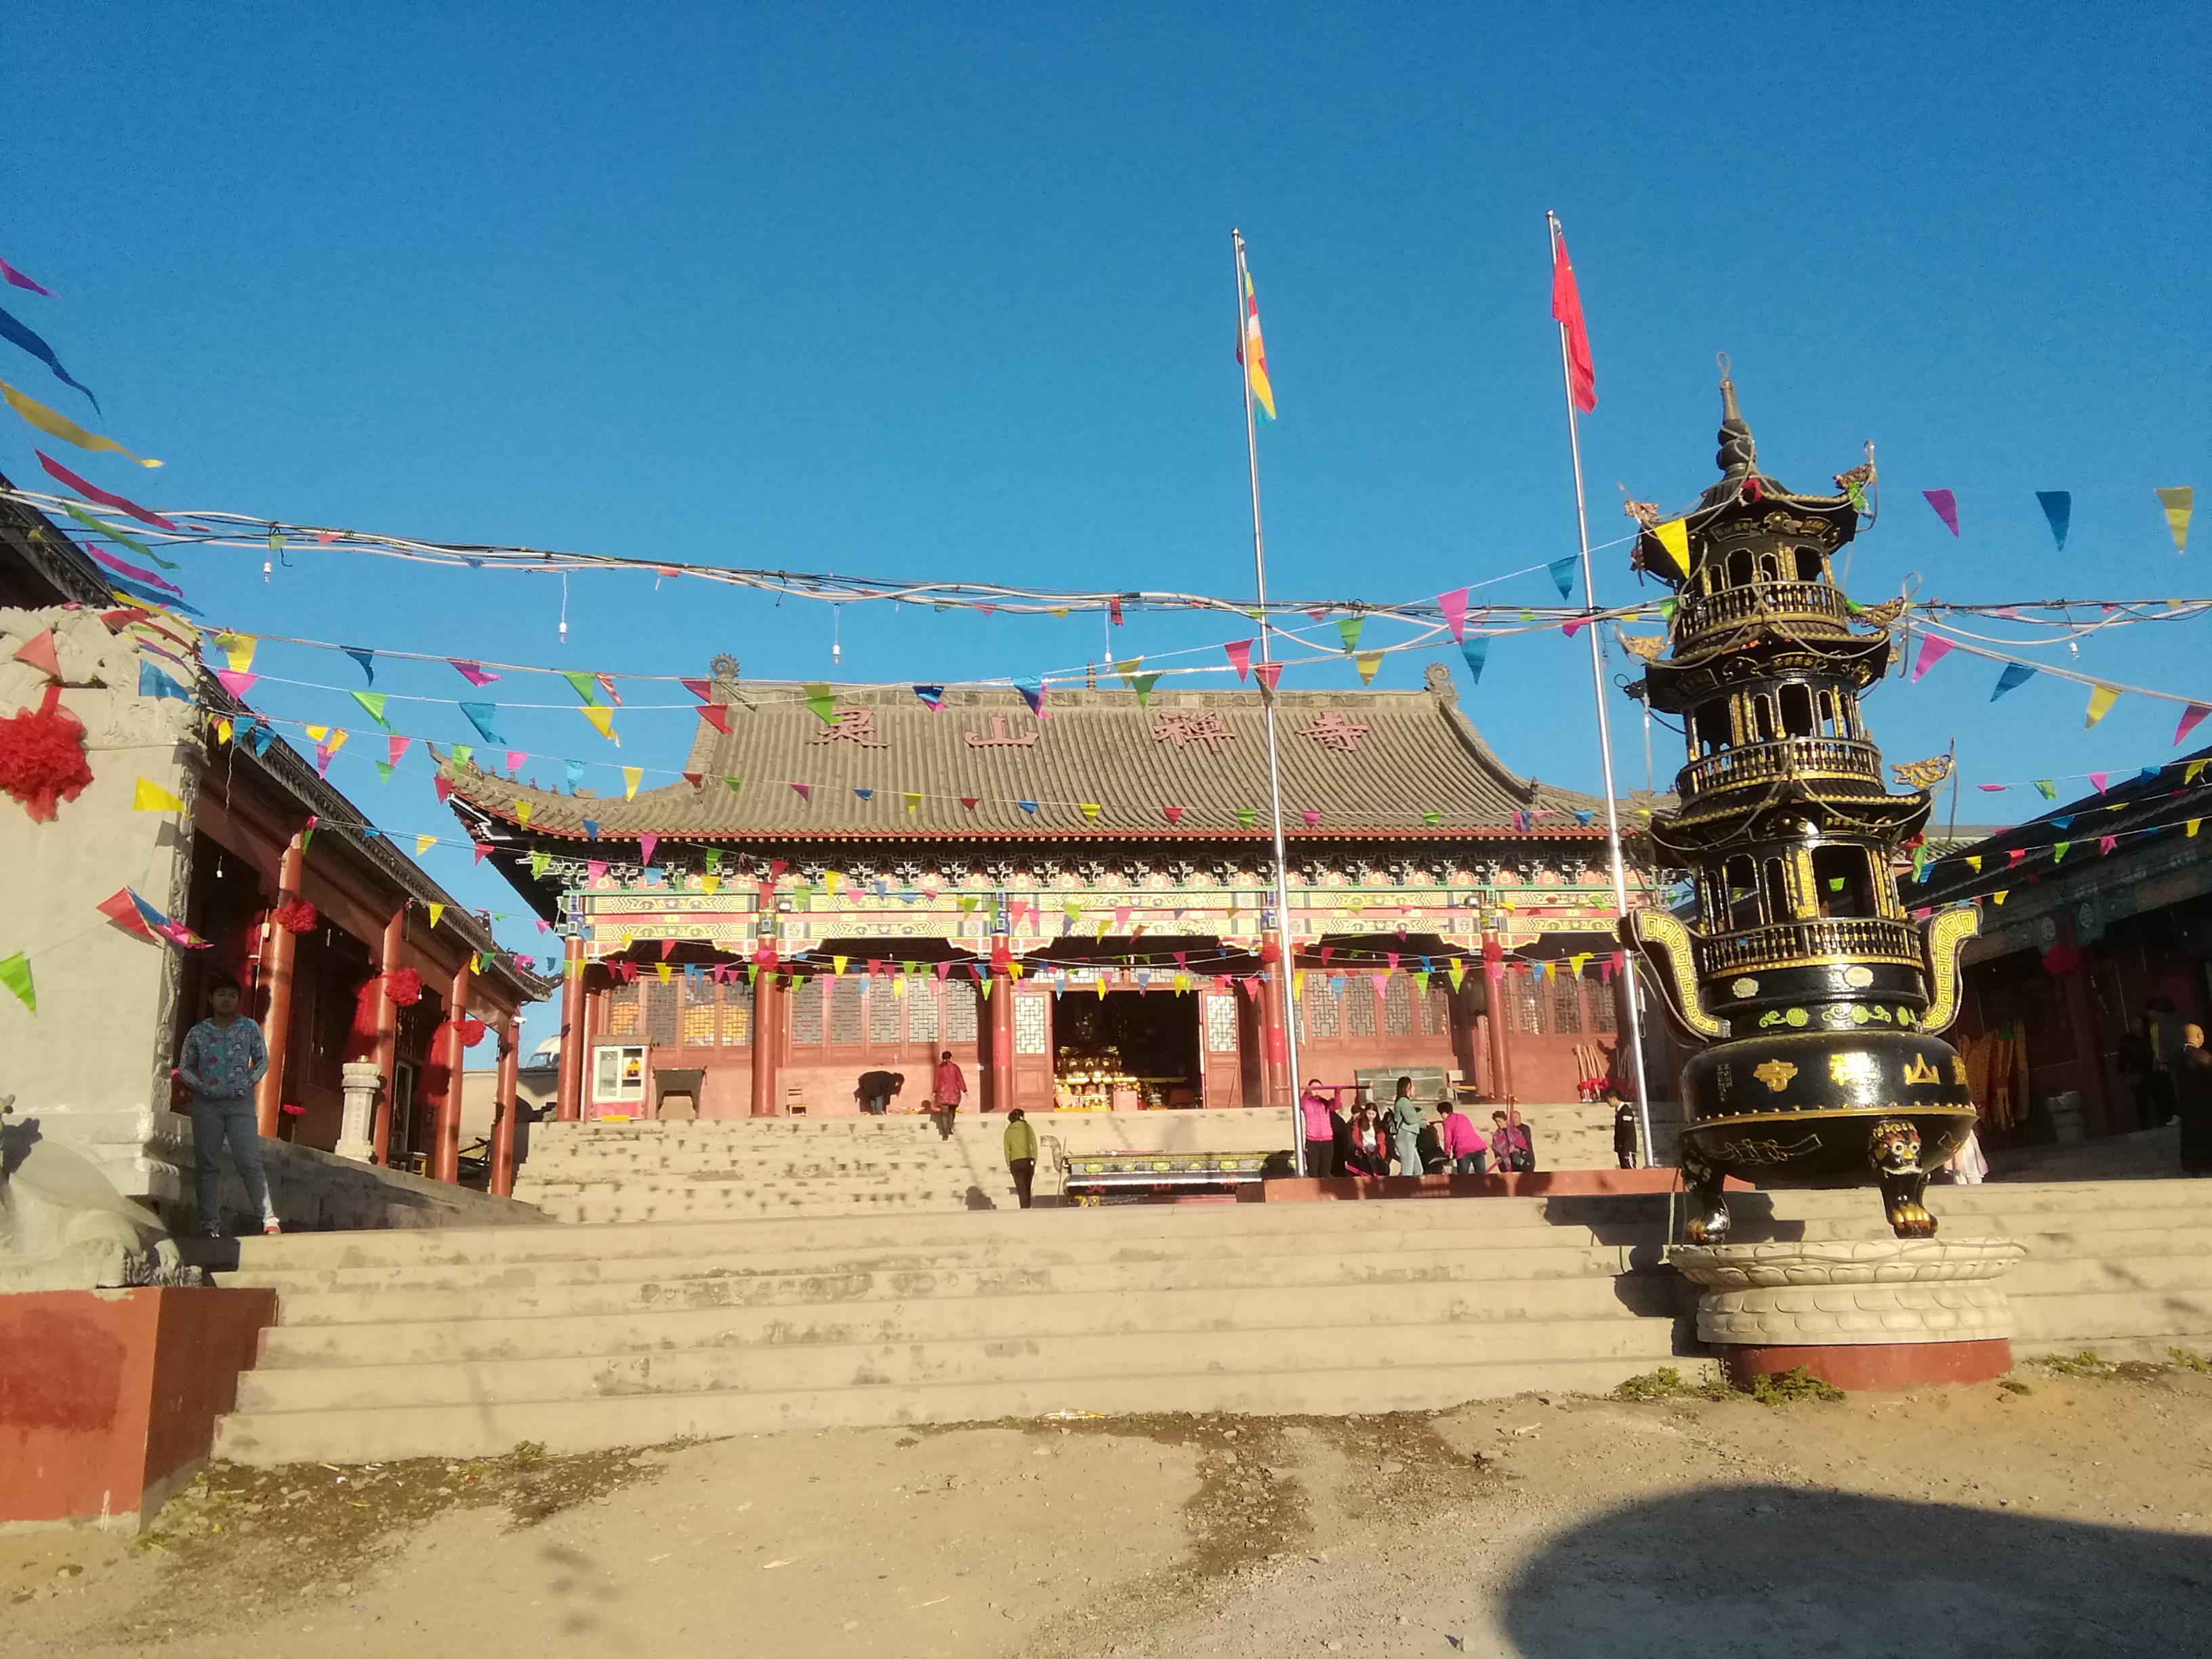 这里是辽宁省葫芦岛--灵山禅寺